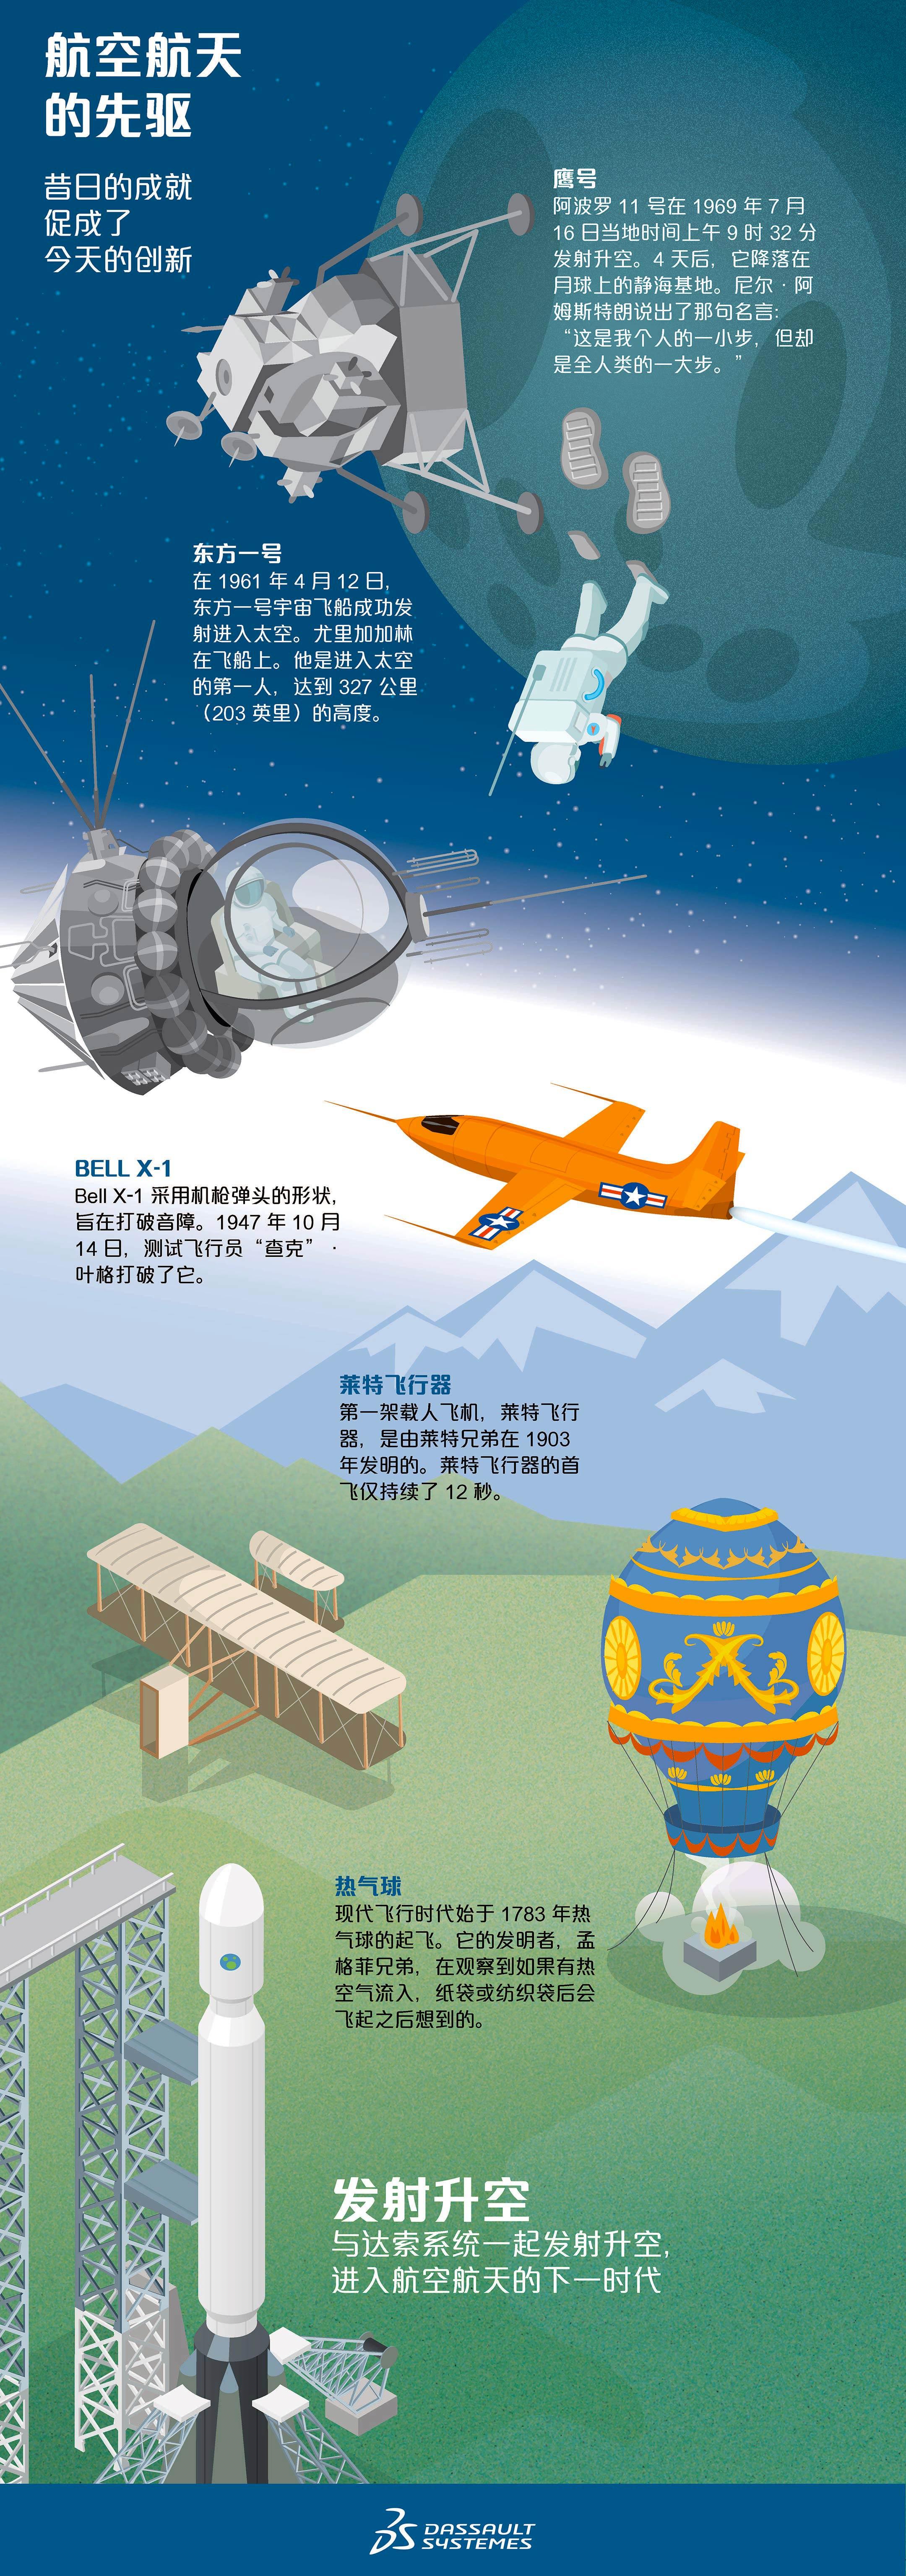 打破创新壁垒 | 航空航天的先驱 - Dassault Systèmes®